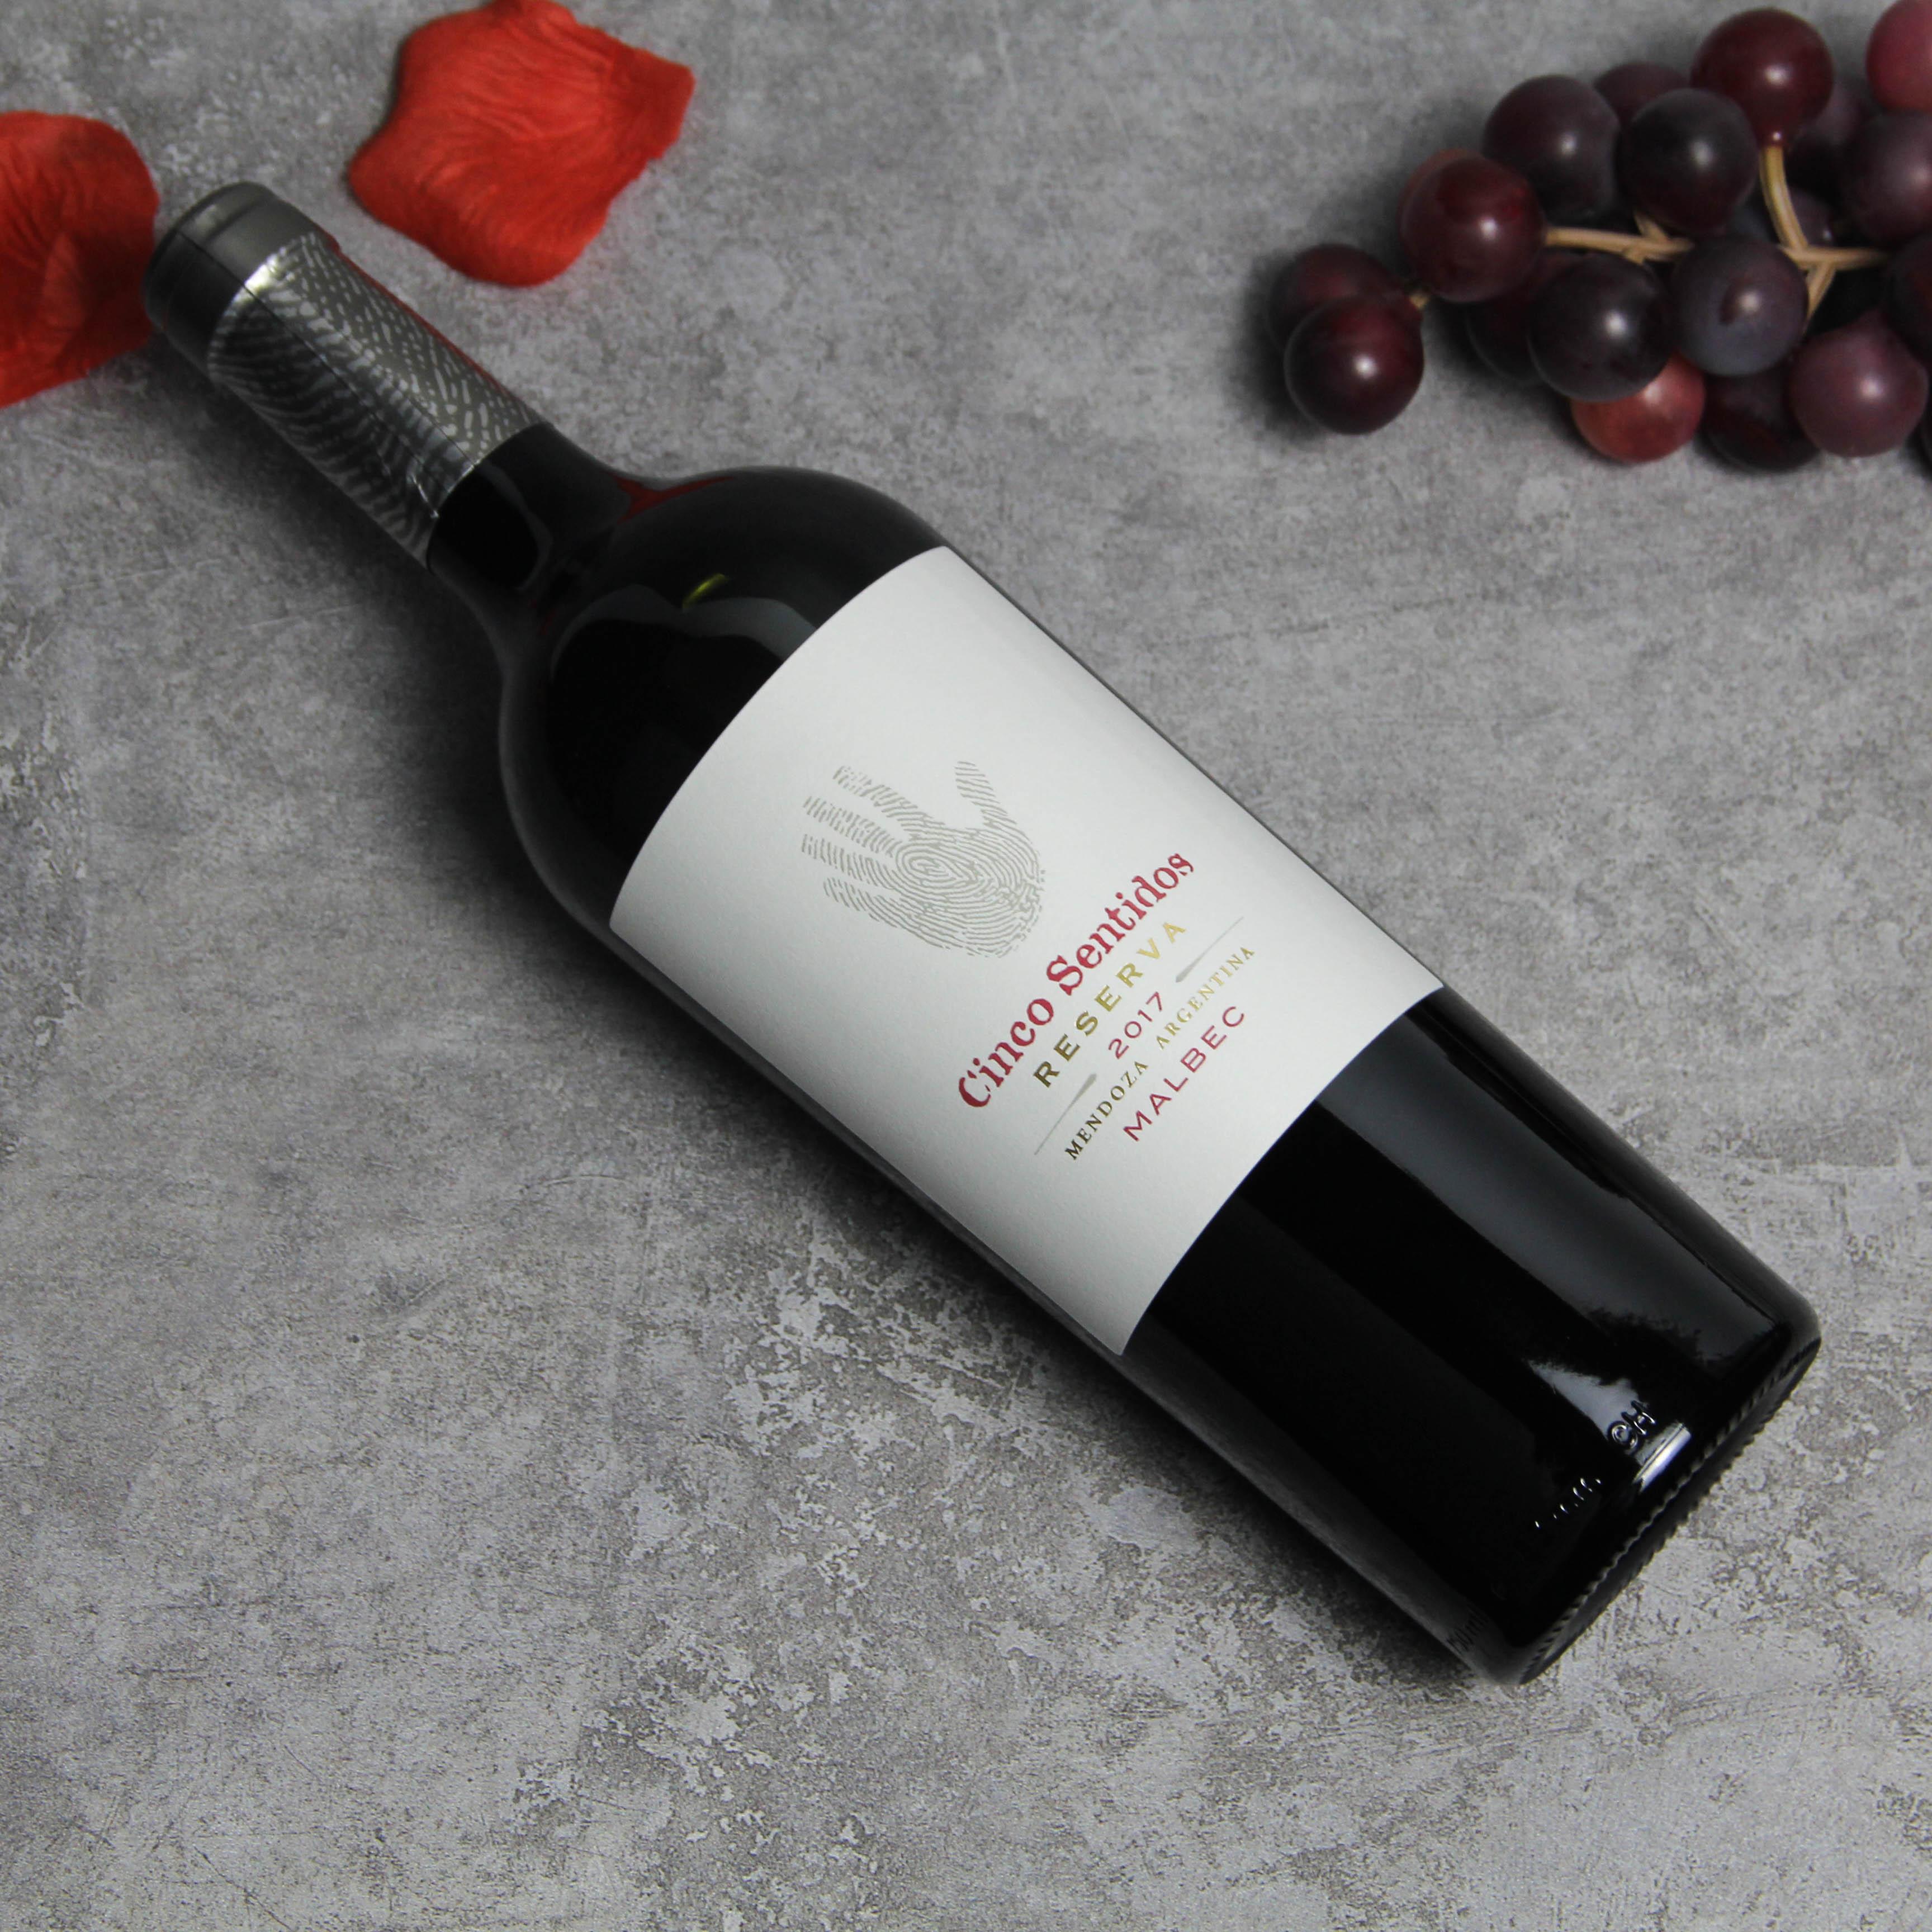 阿根廷门多萨省五味酒庄珍藏马尔贝克红葡萄酒红酒